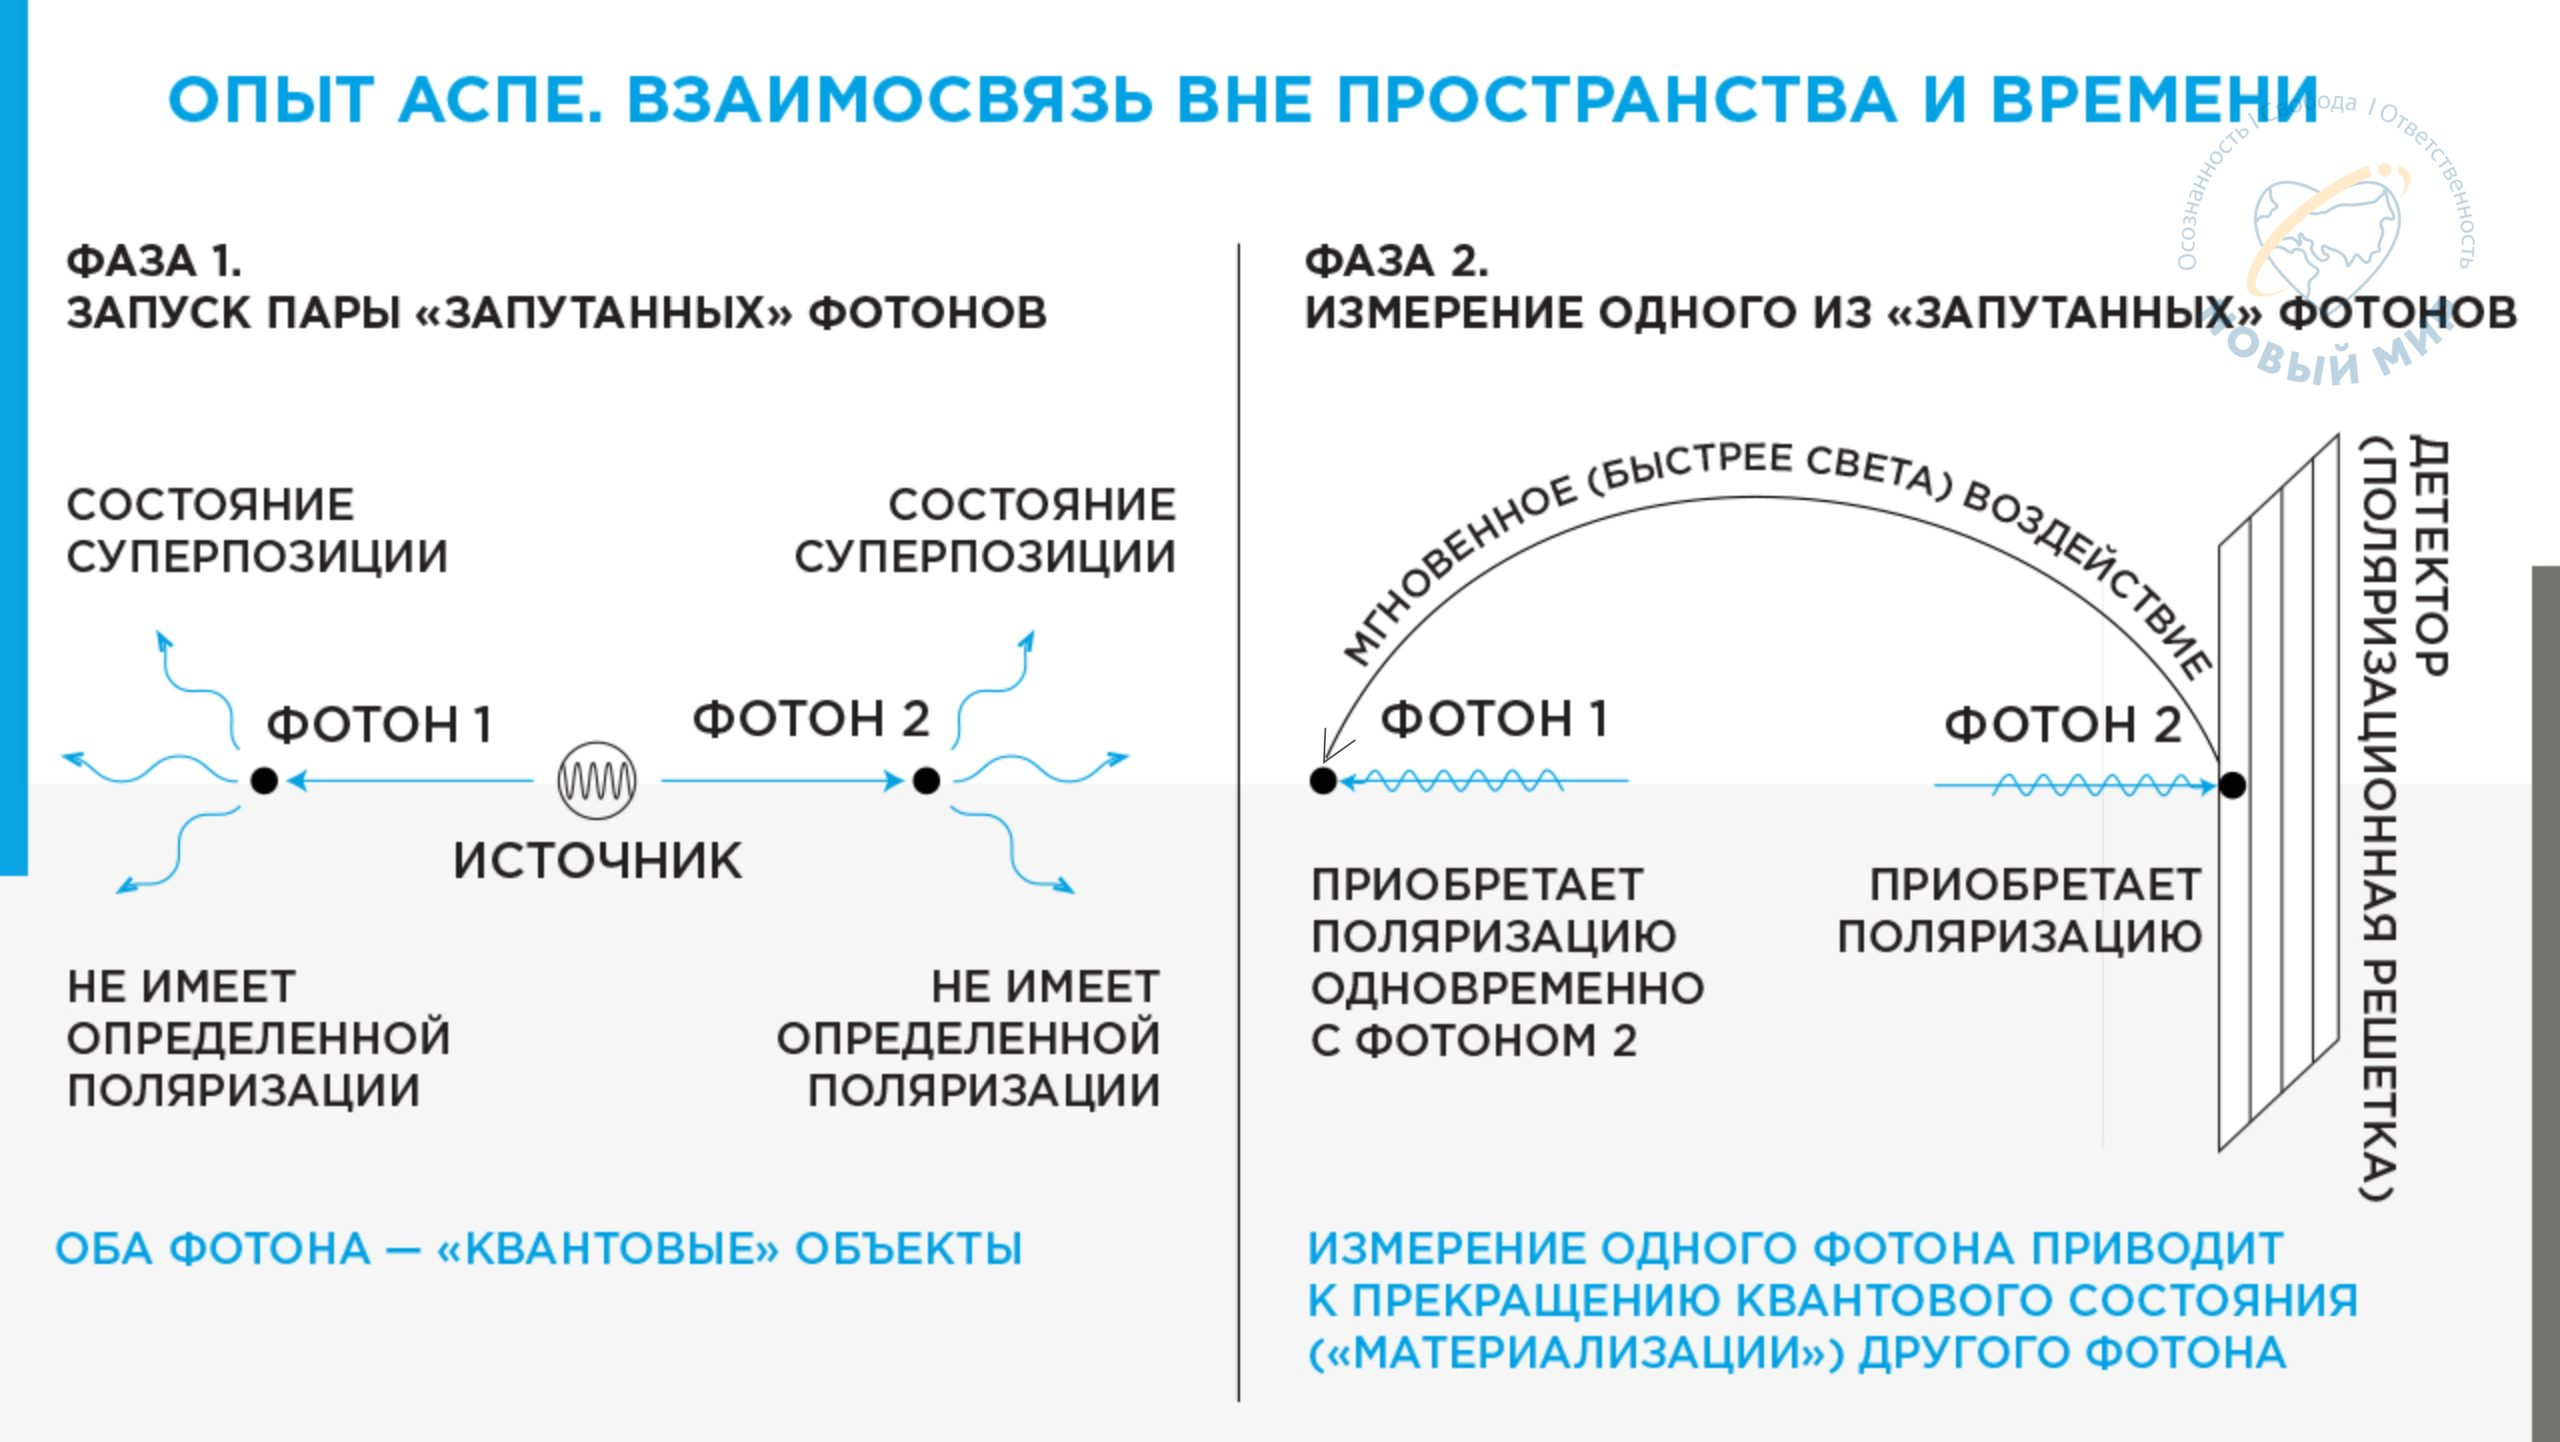 risunok Opyt Aspe Vzaimosvyaz' vne prostranstva i vremeni